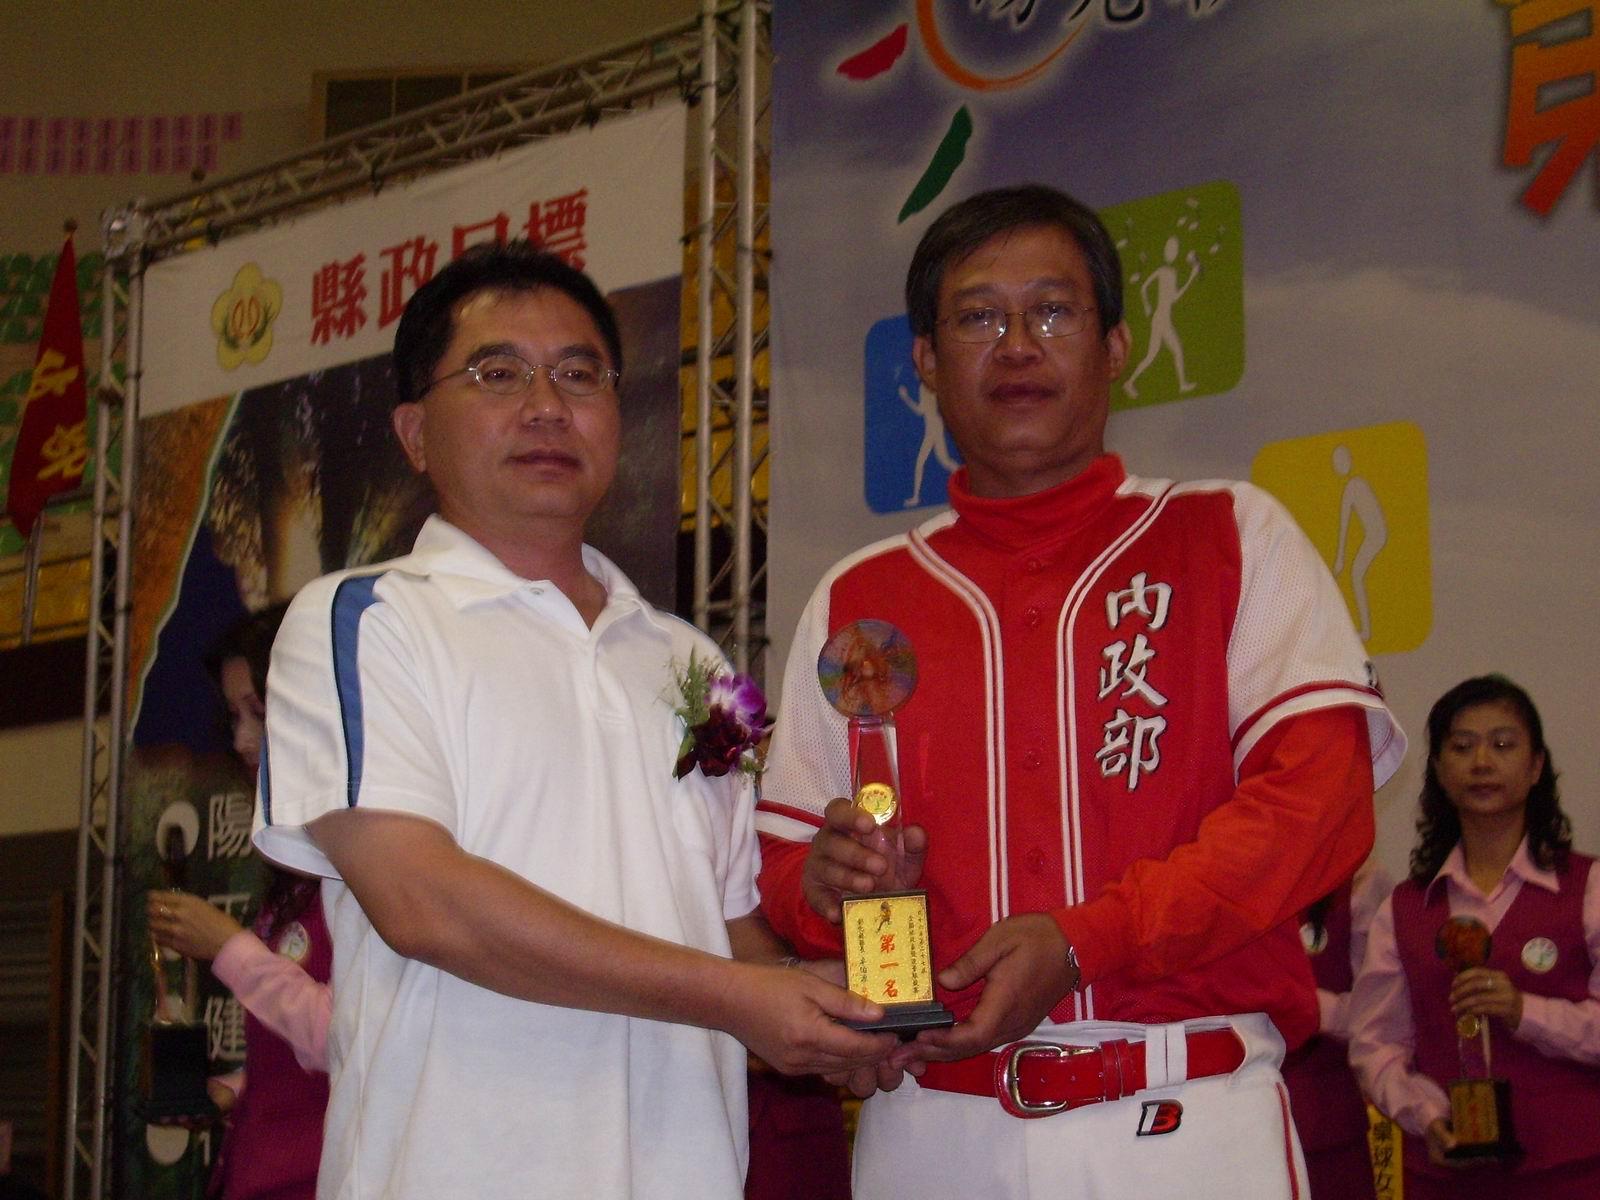 本局壘球隊代表內政部再次榮獲冠軍〈衛冕成功〉